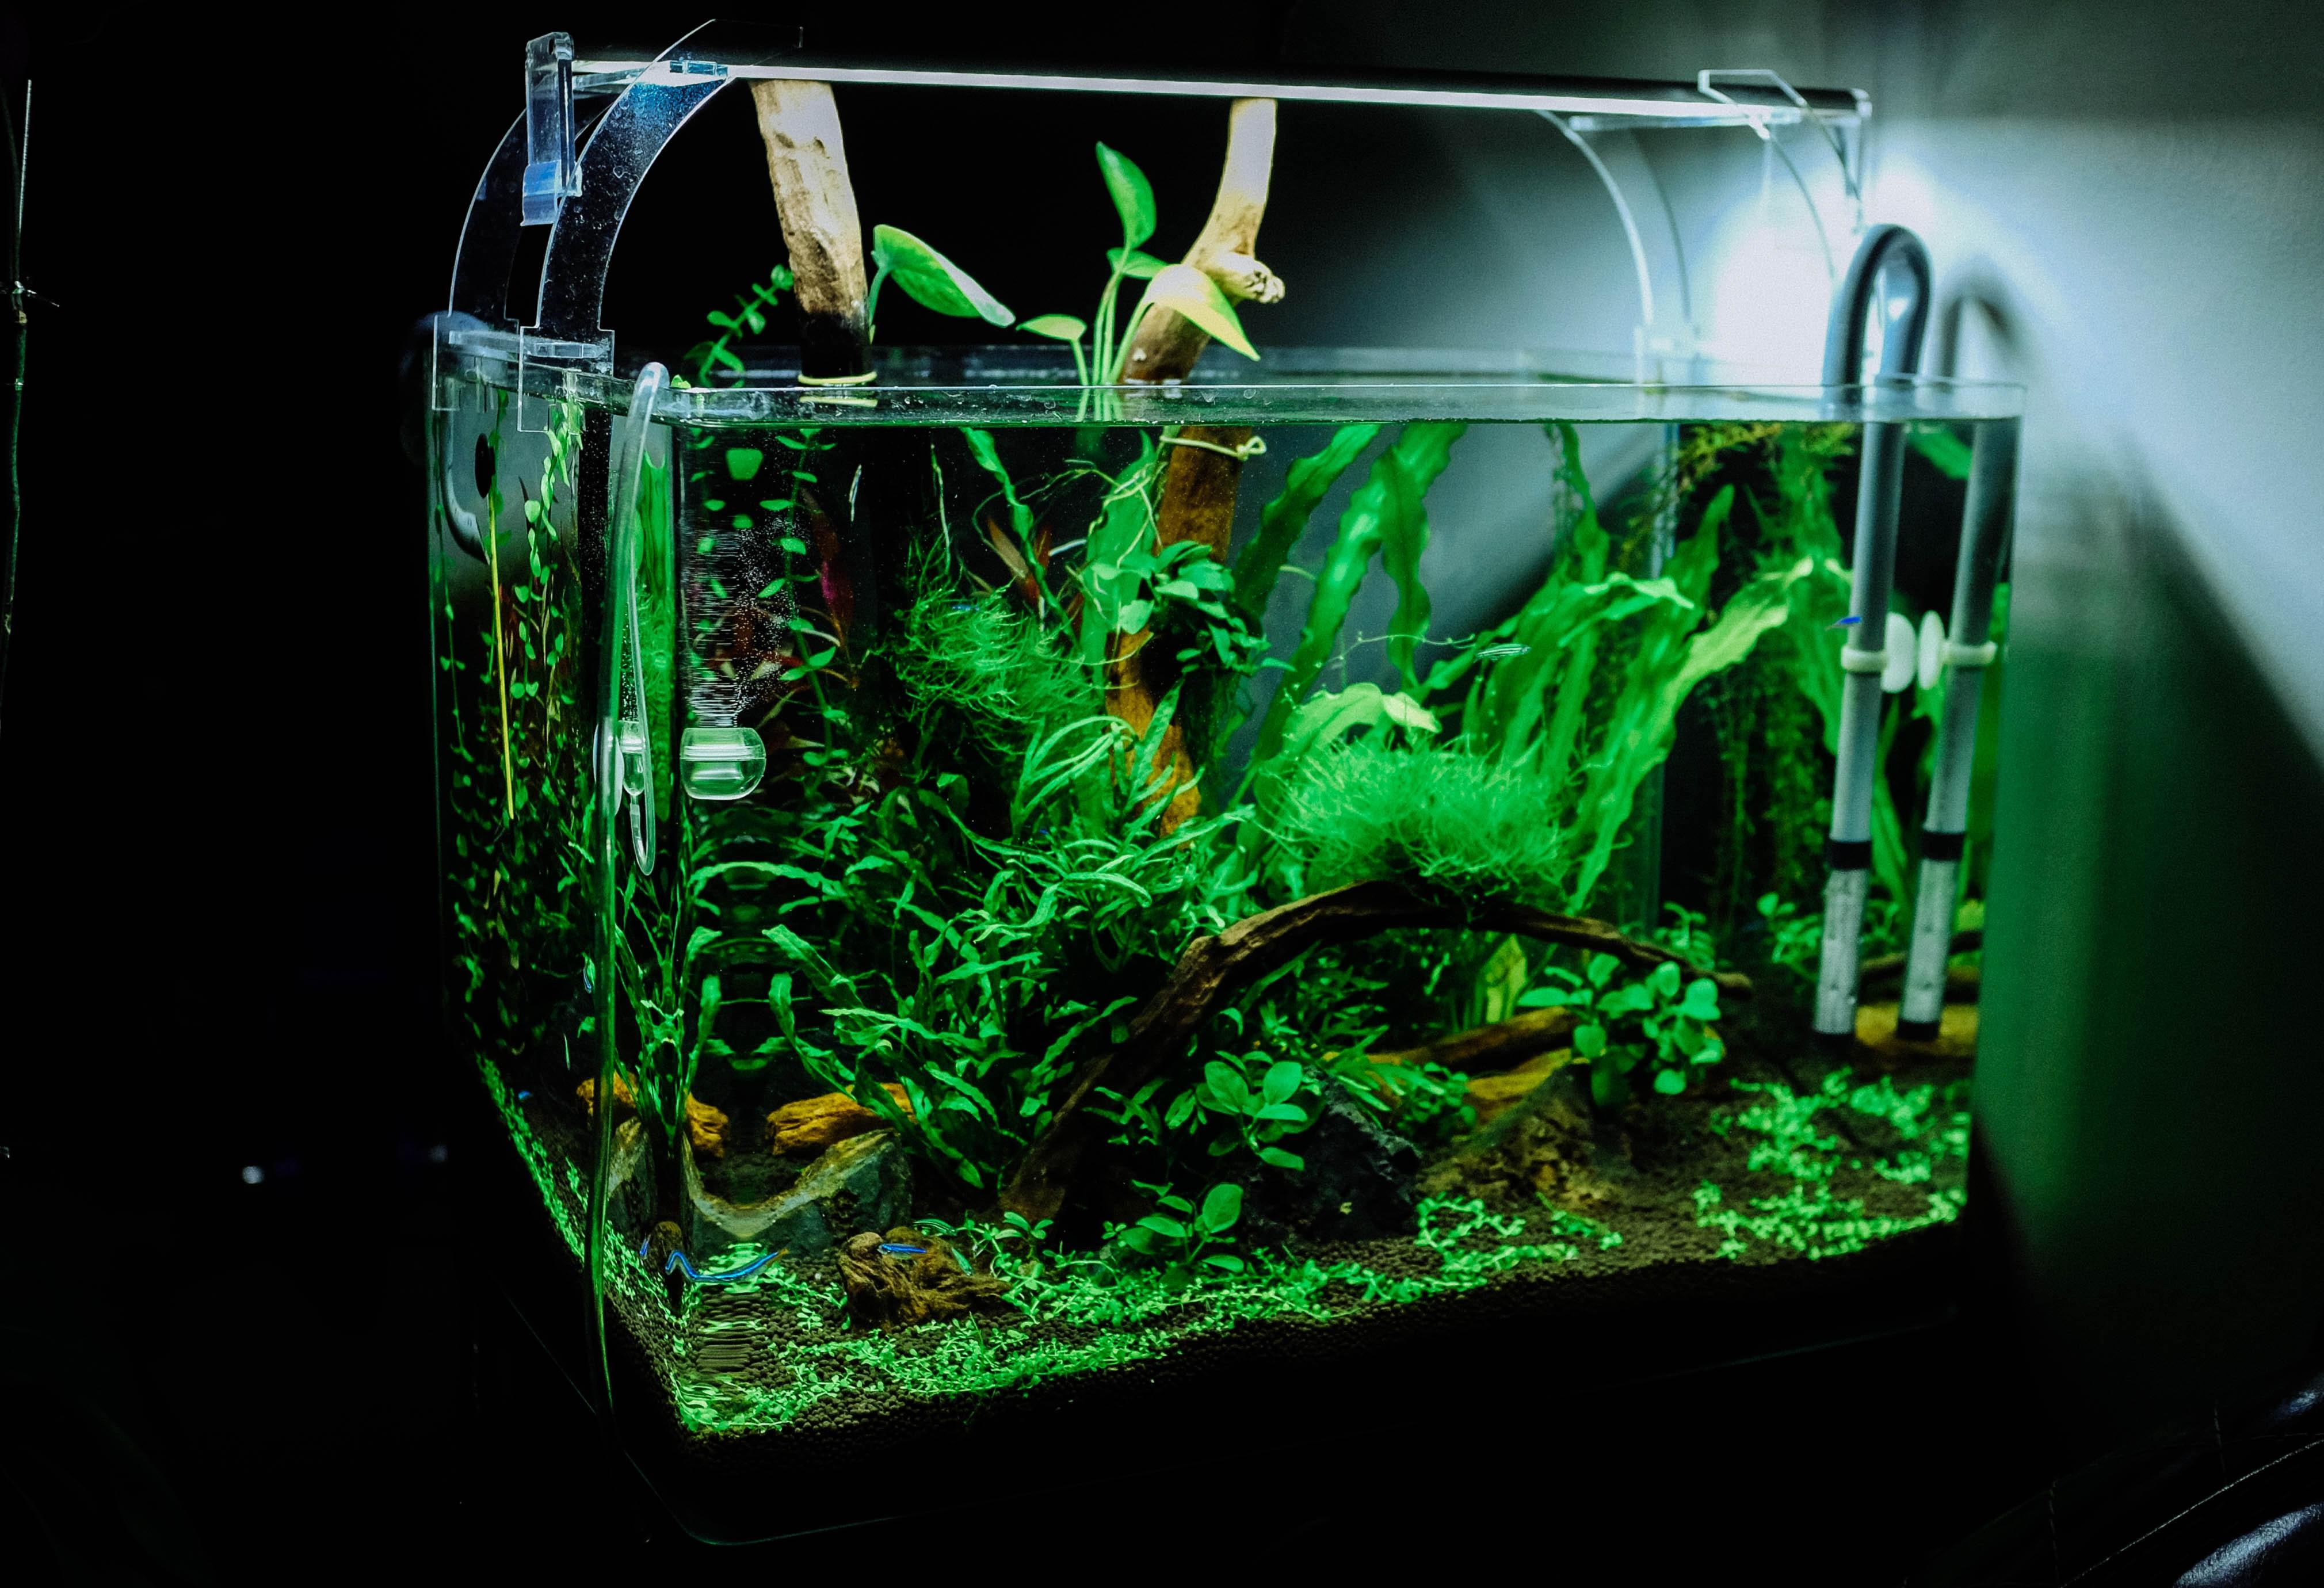 Skleněné rostlinné akvárium bude skvělým doplňkem do obývacího pokoje